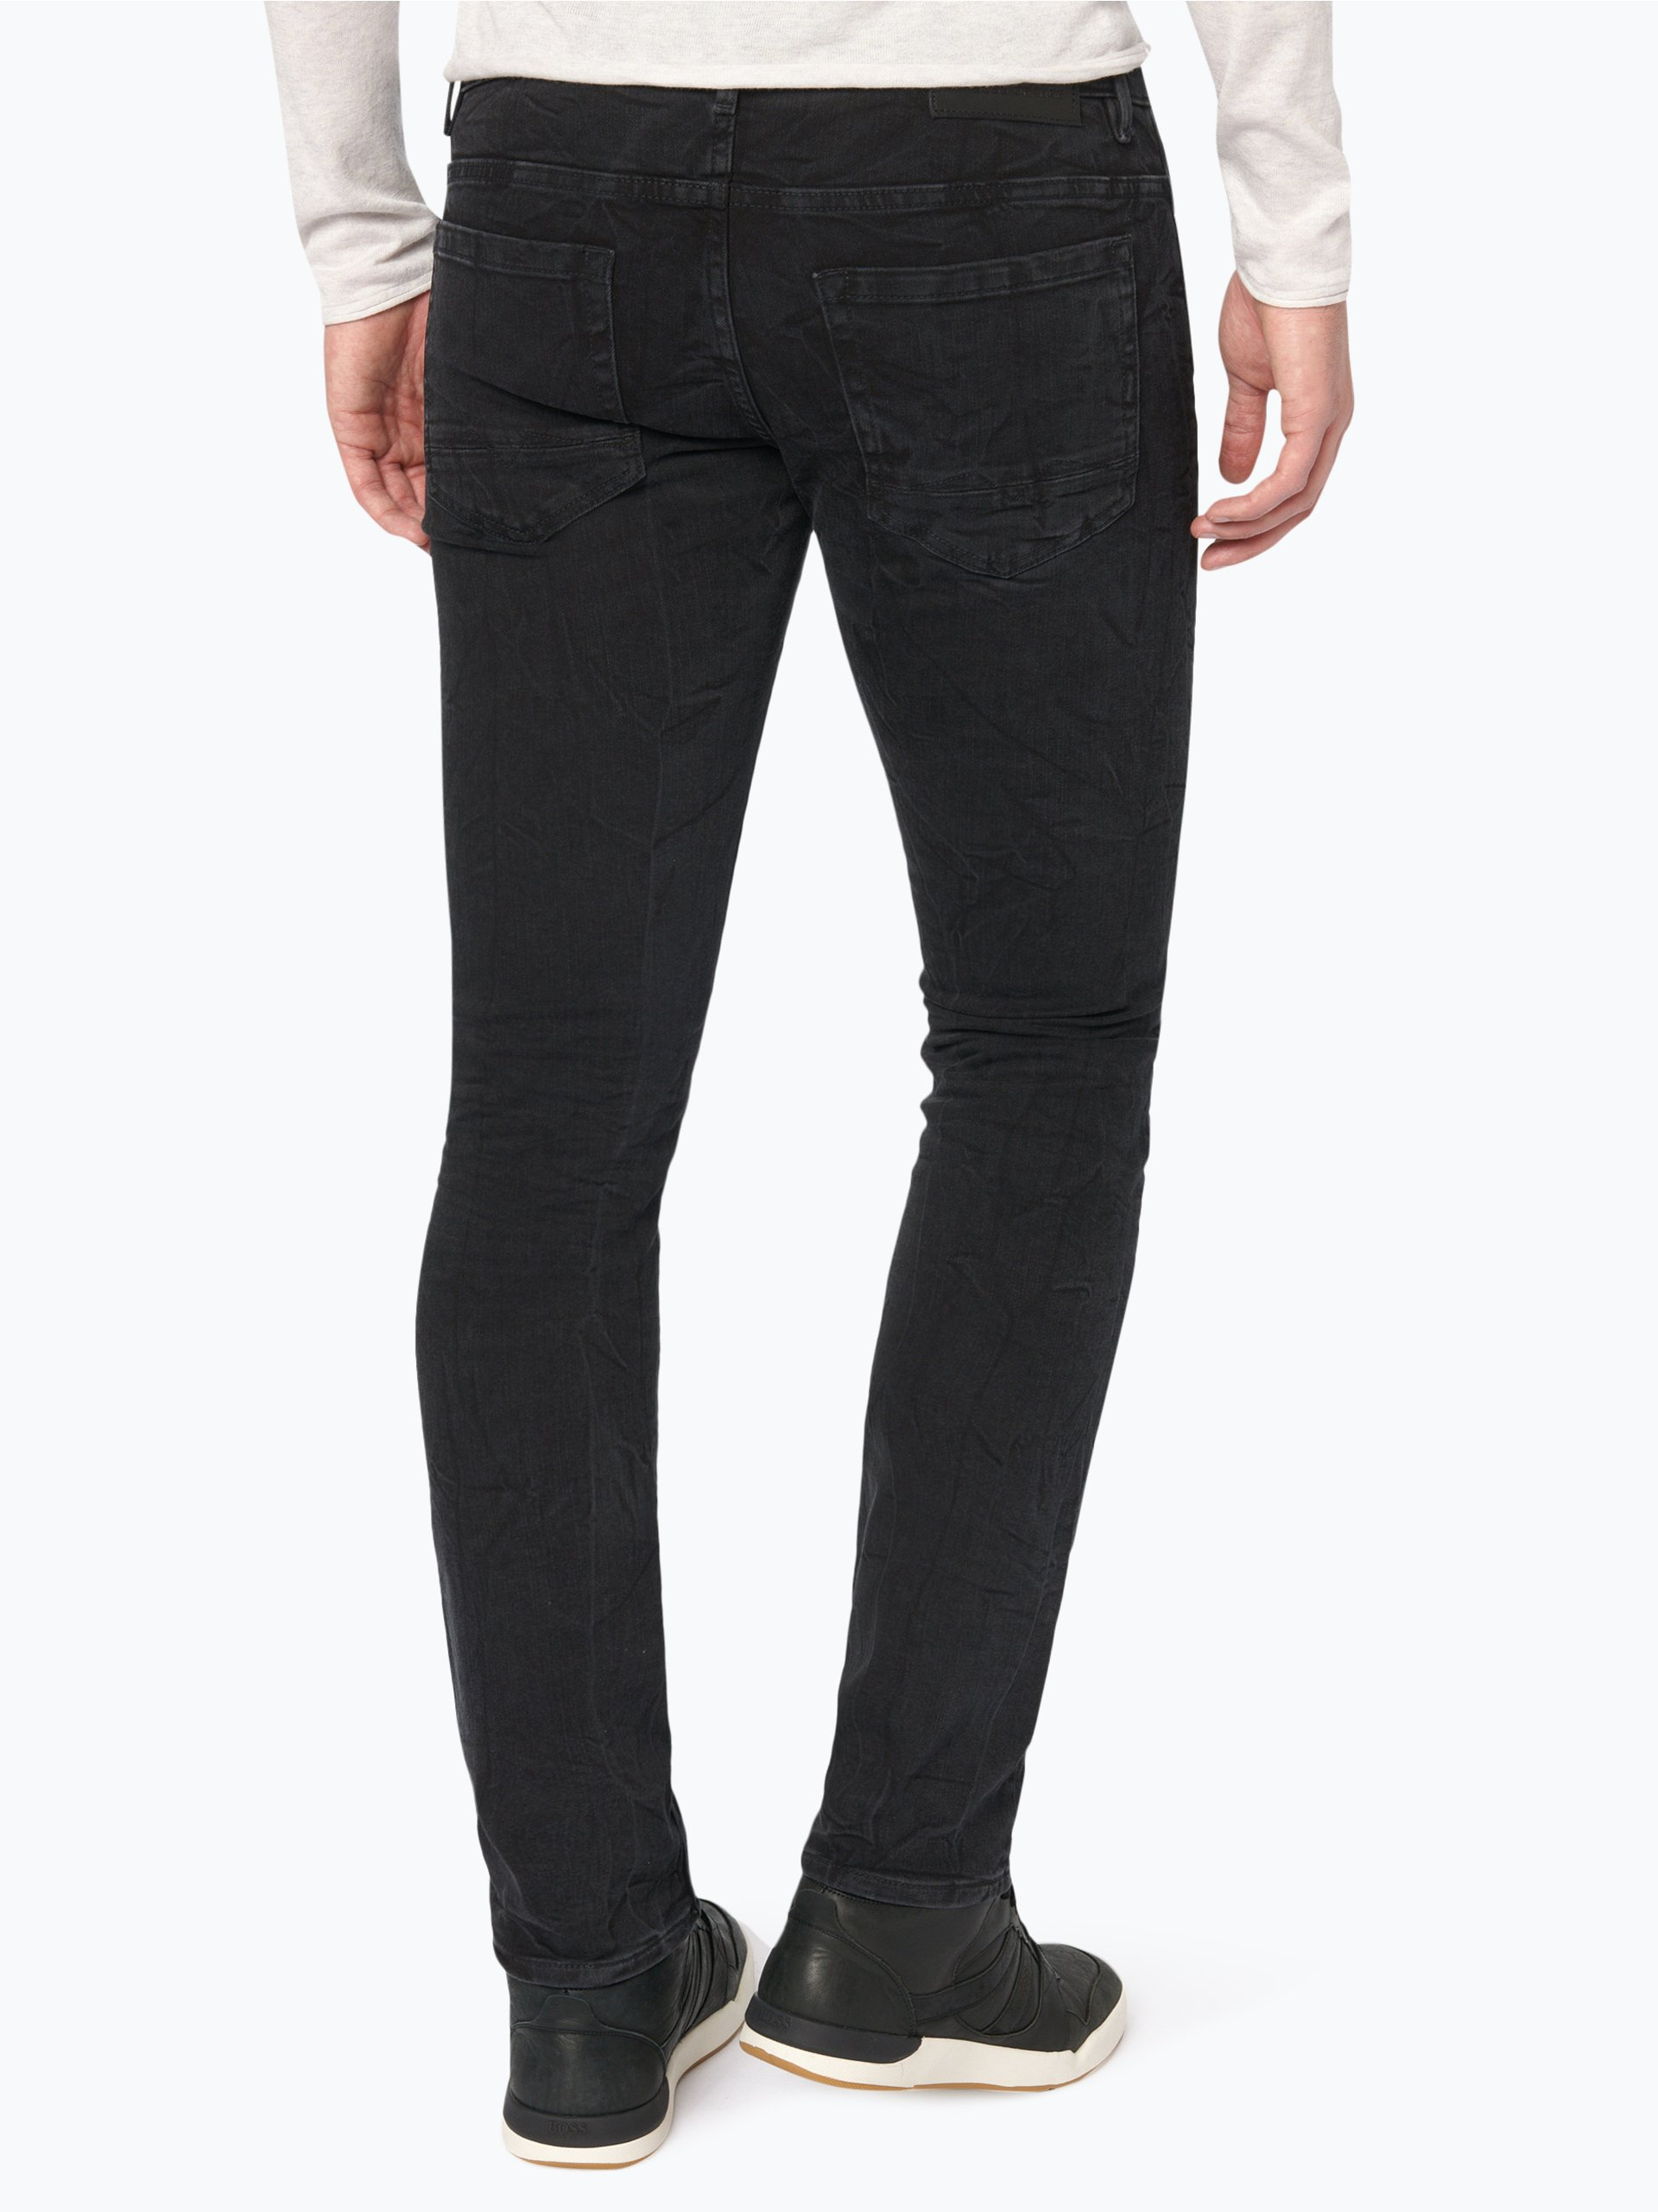 boss orange herren jeans orange 72 schwarz uni online kaufen peek und cloppenburg de. Black Bedroom Furniture Sets. Home Design Ideas